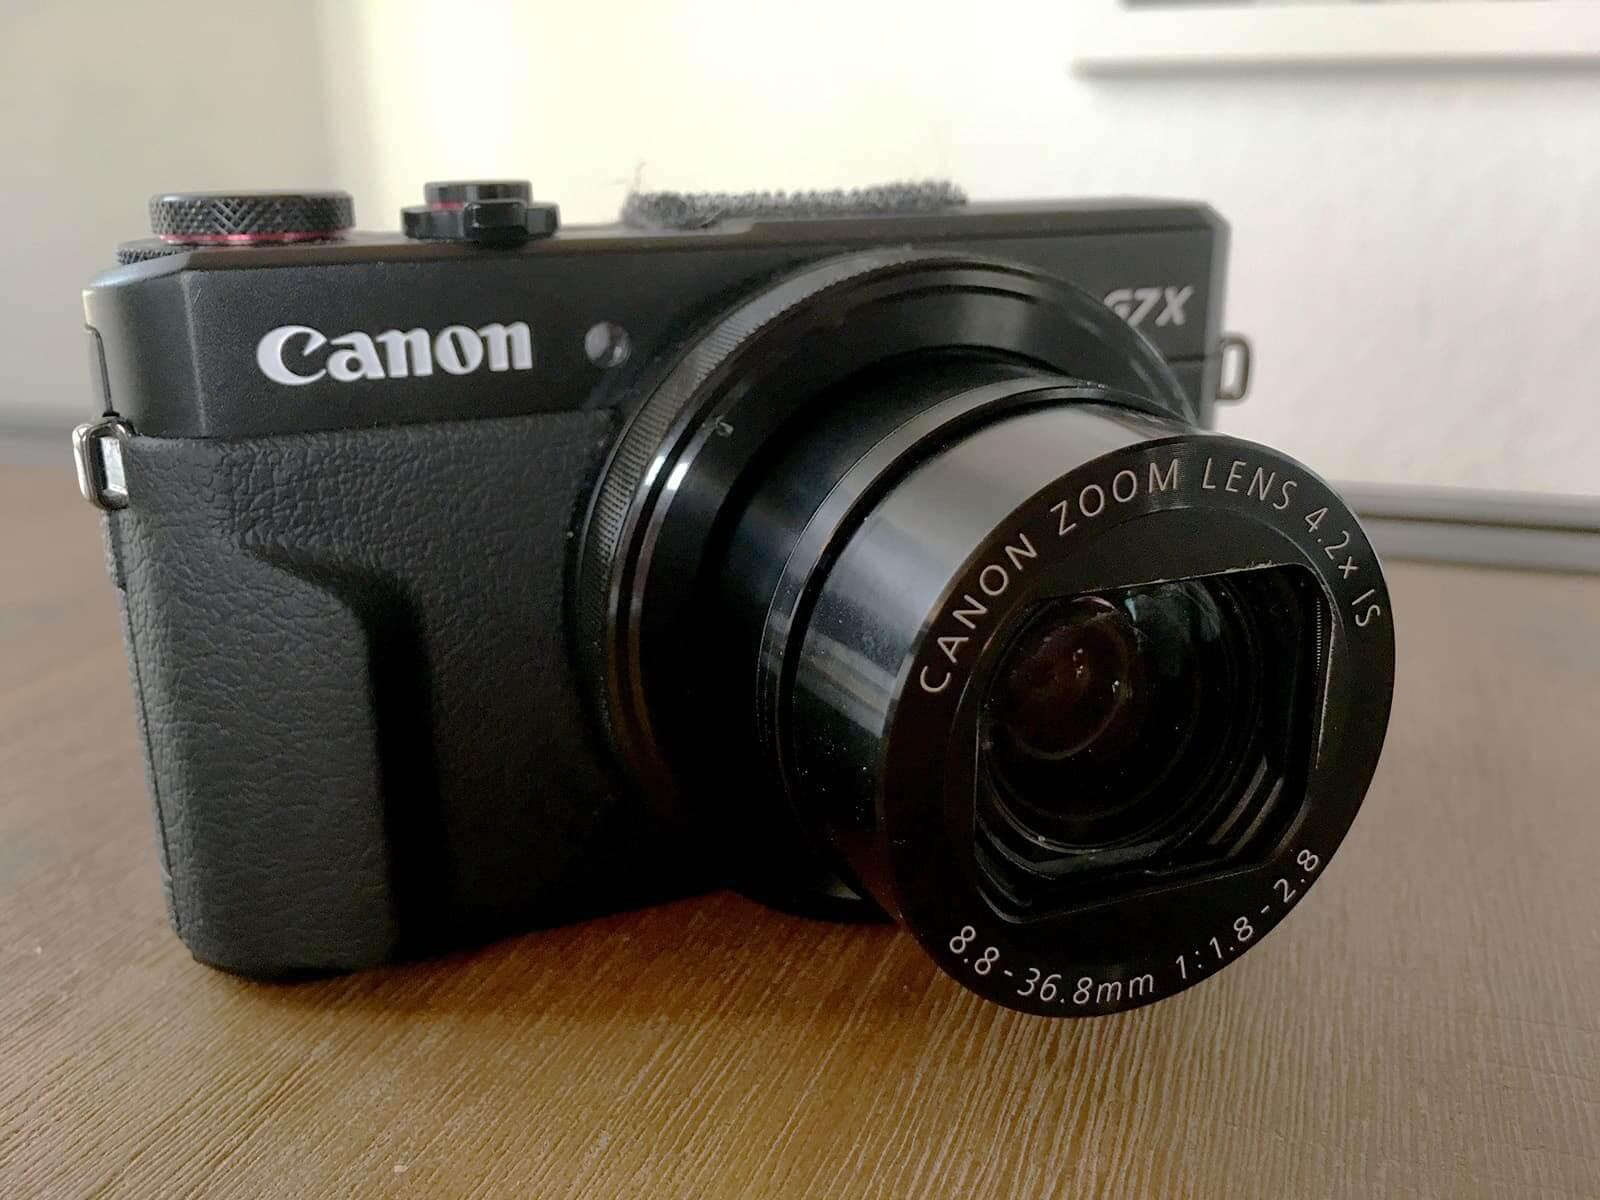 Die Canon G7X Mark II als Vlog- und Instagramkamera nutzen